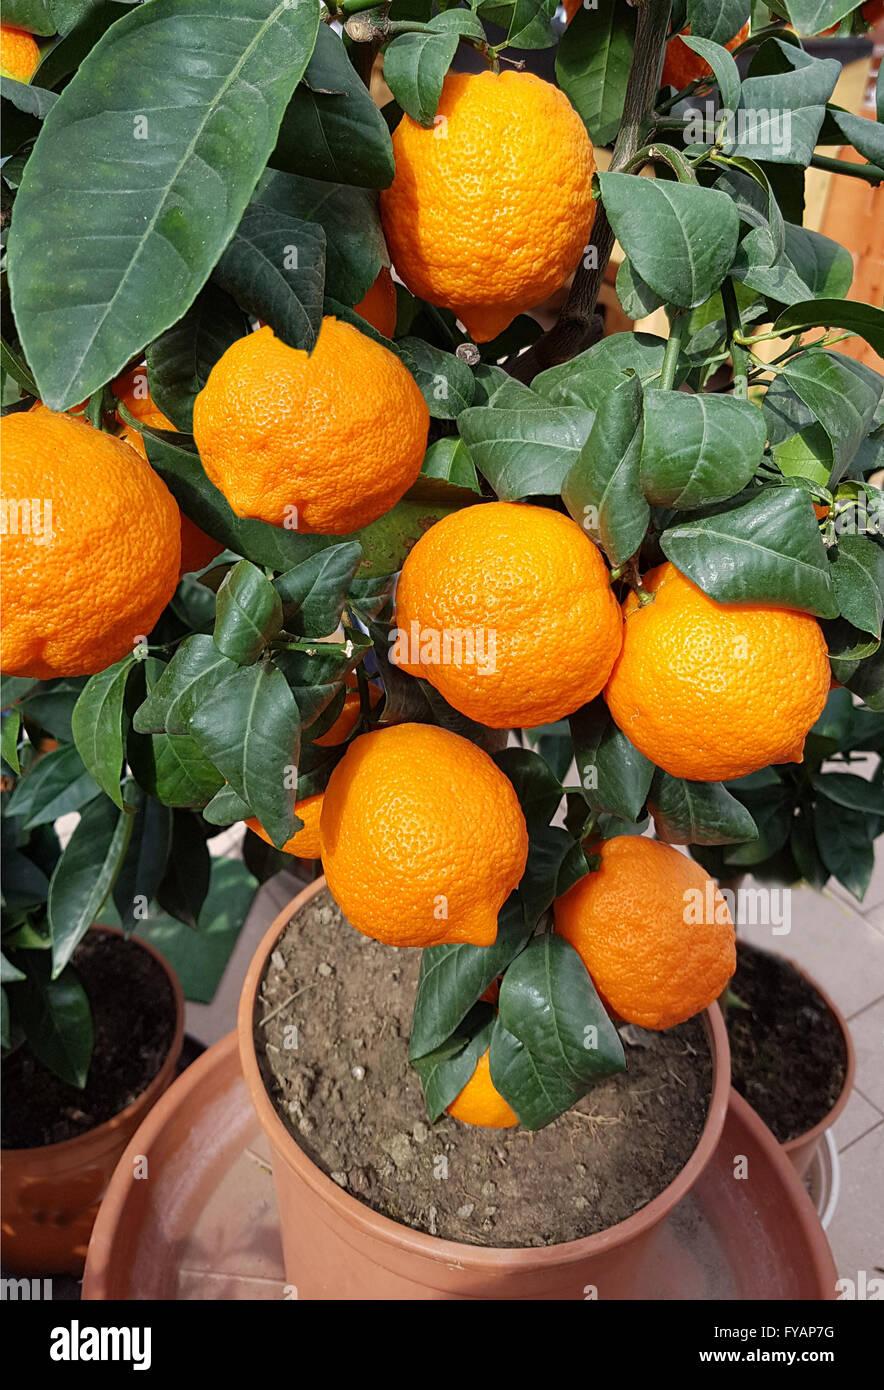 Zitrone; Limone, Rosso, ist eine Zitrone mit roter Schale Stock Photo